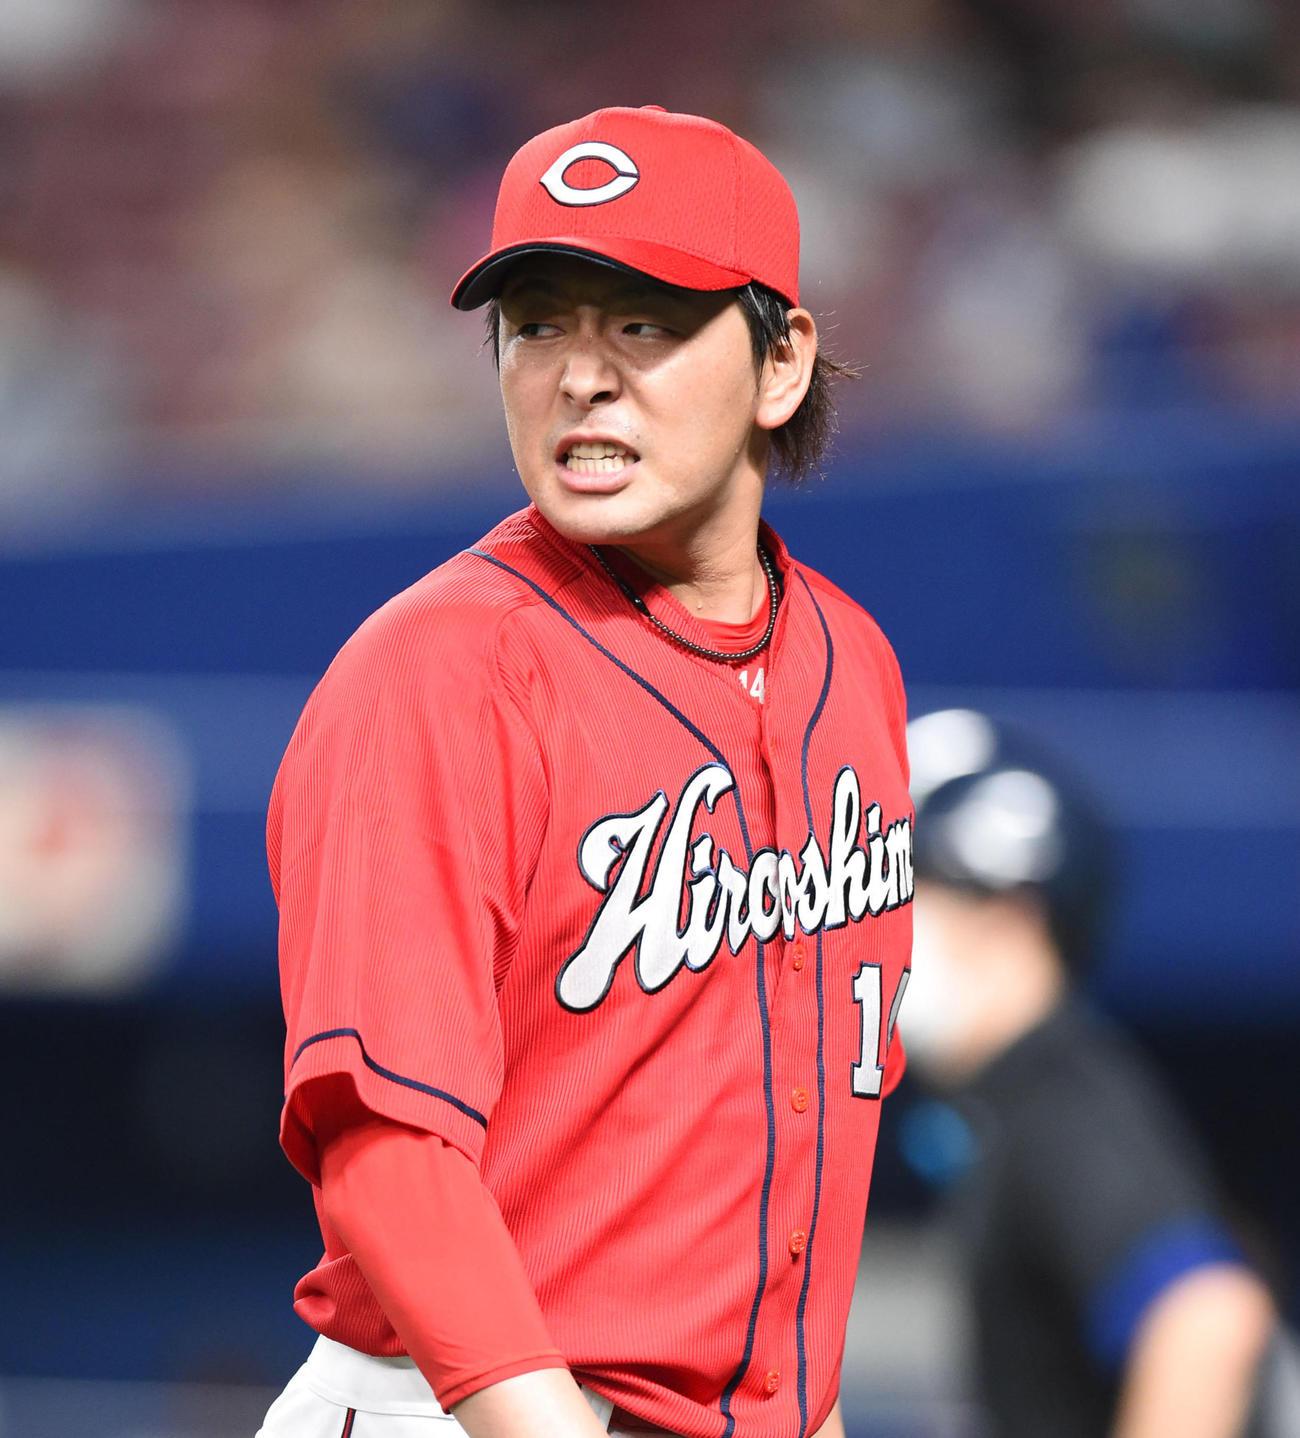 プロ野球中日対広島 5回裏中日攻撃終了、険しい表情でベンチへ戻る大瀬良大地(撮影・森本幸一)